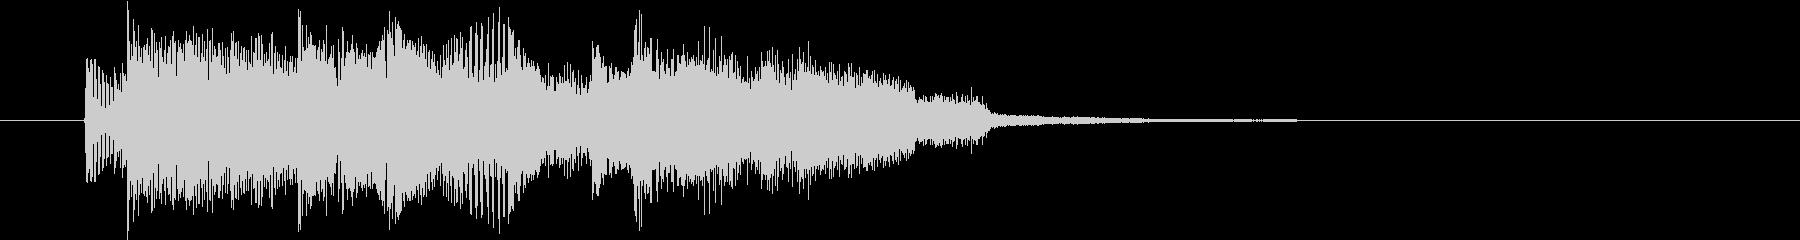 ムーディーなジャズ的なジングルの未再生の波形